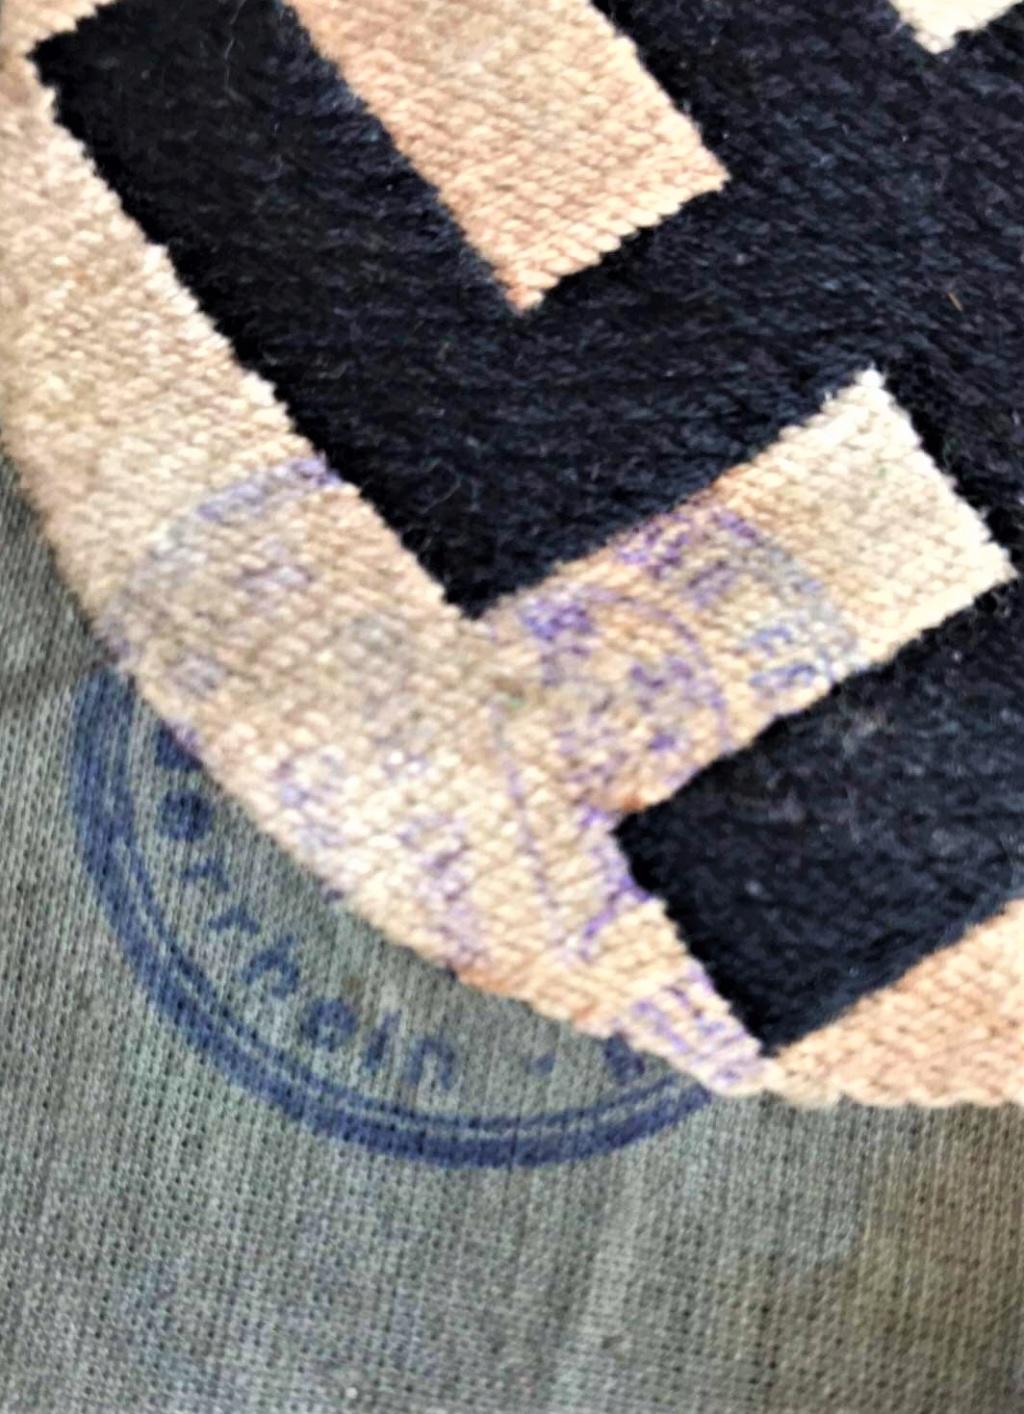 Brassard Allemand Stahlhelm 1930/33 Img_0910